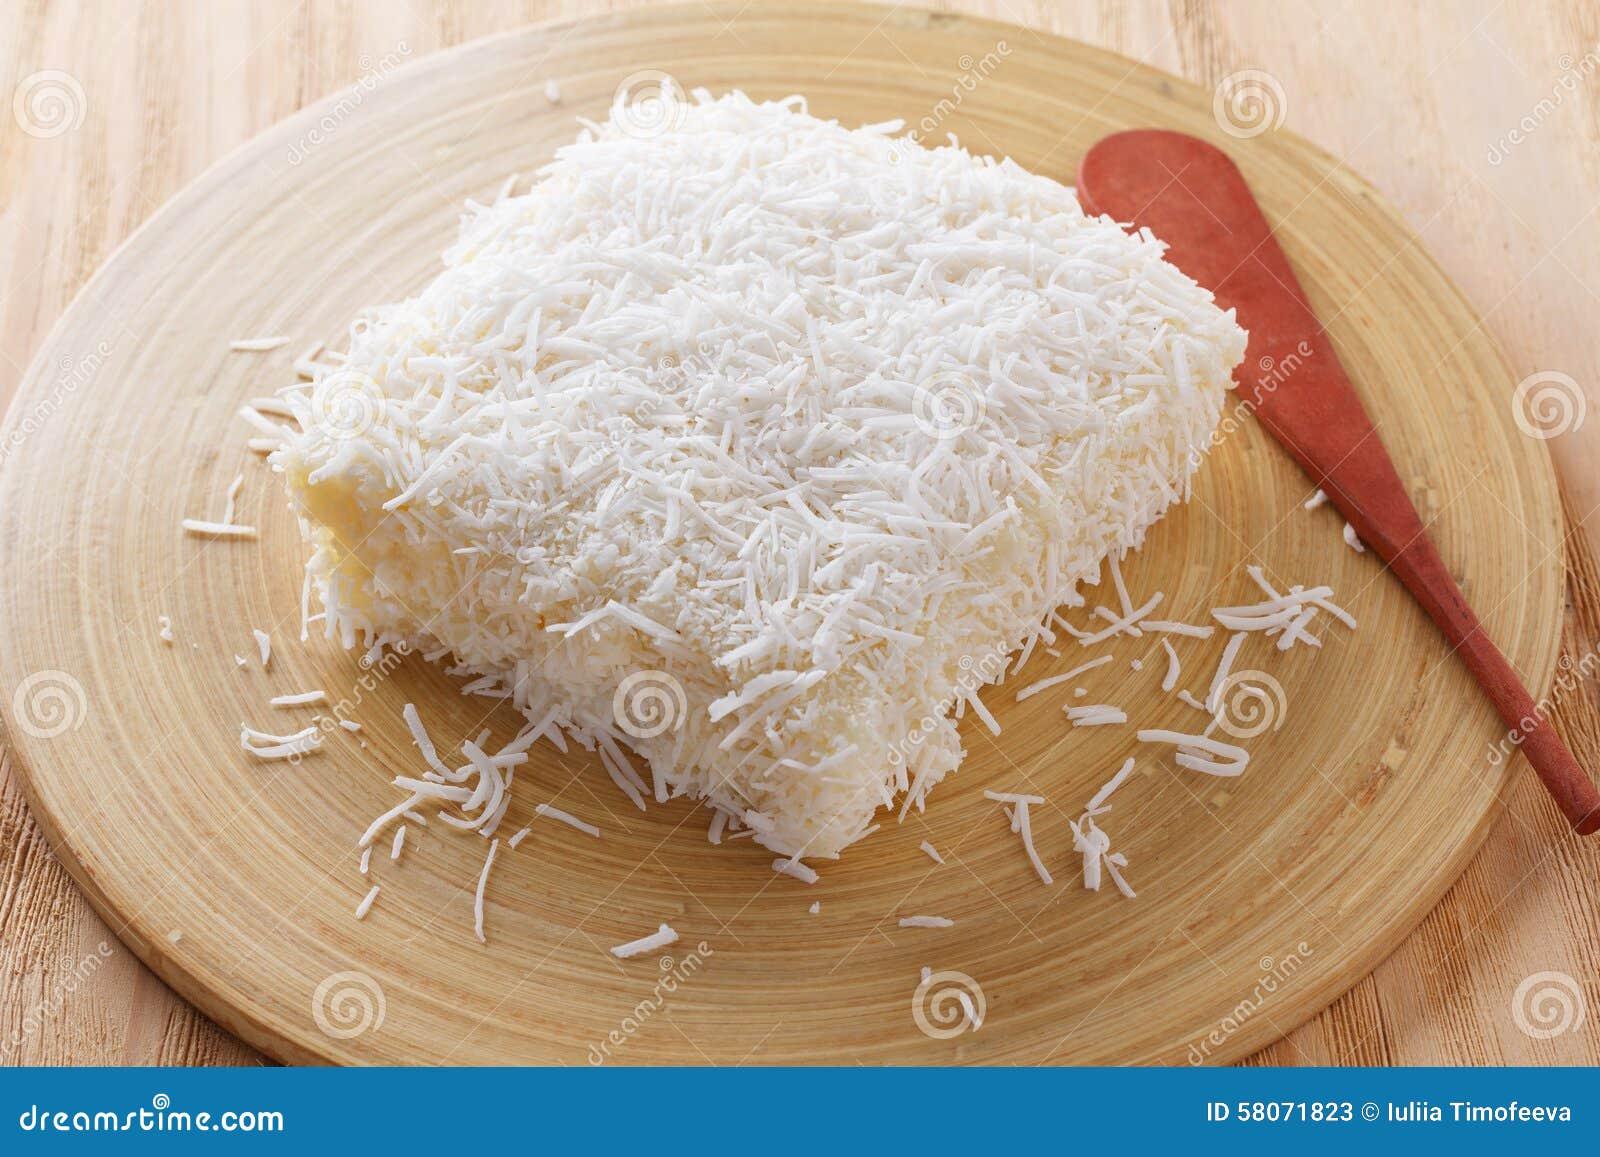 cuscuz no prato italy - photo#45